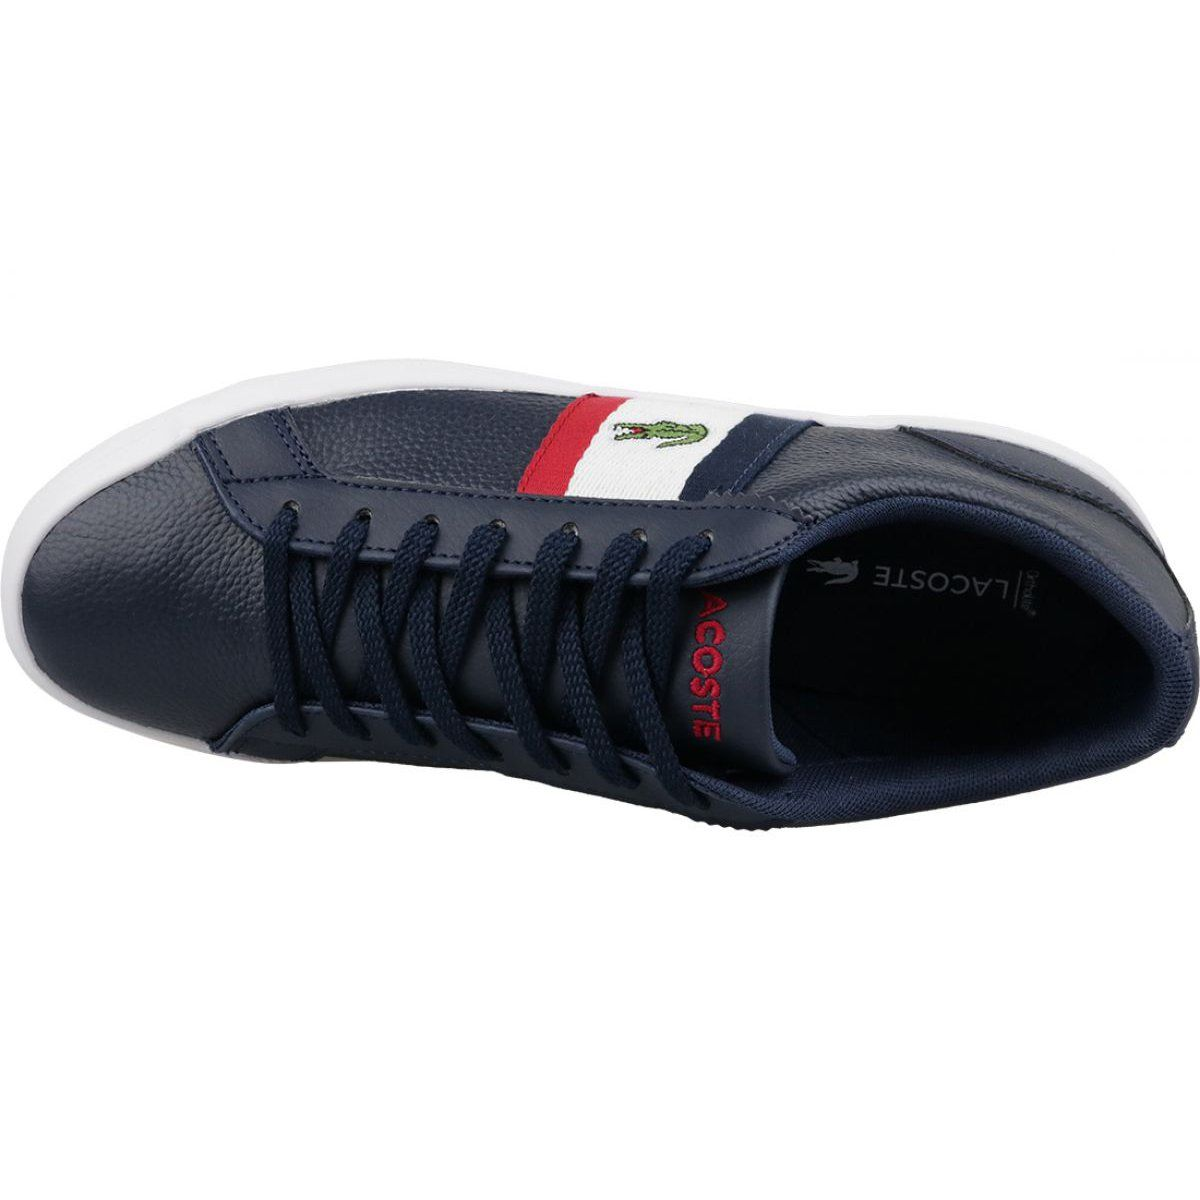 Buty Lacoste Lerond 119 M 737cma00457a2 Biale Czerwone Granatowe Lacoste Superga Sneaker Sneakers